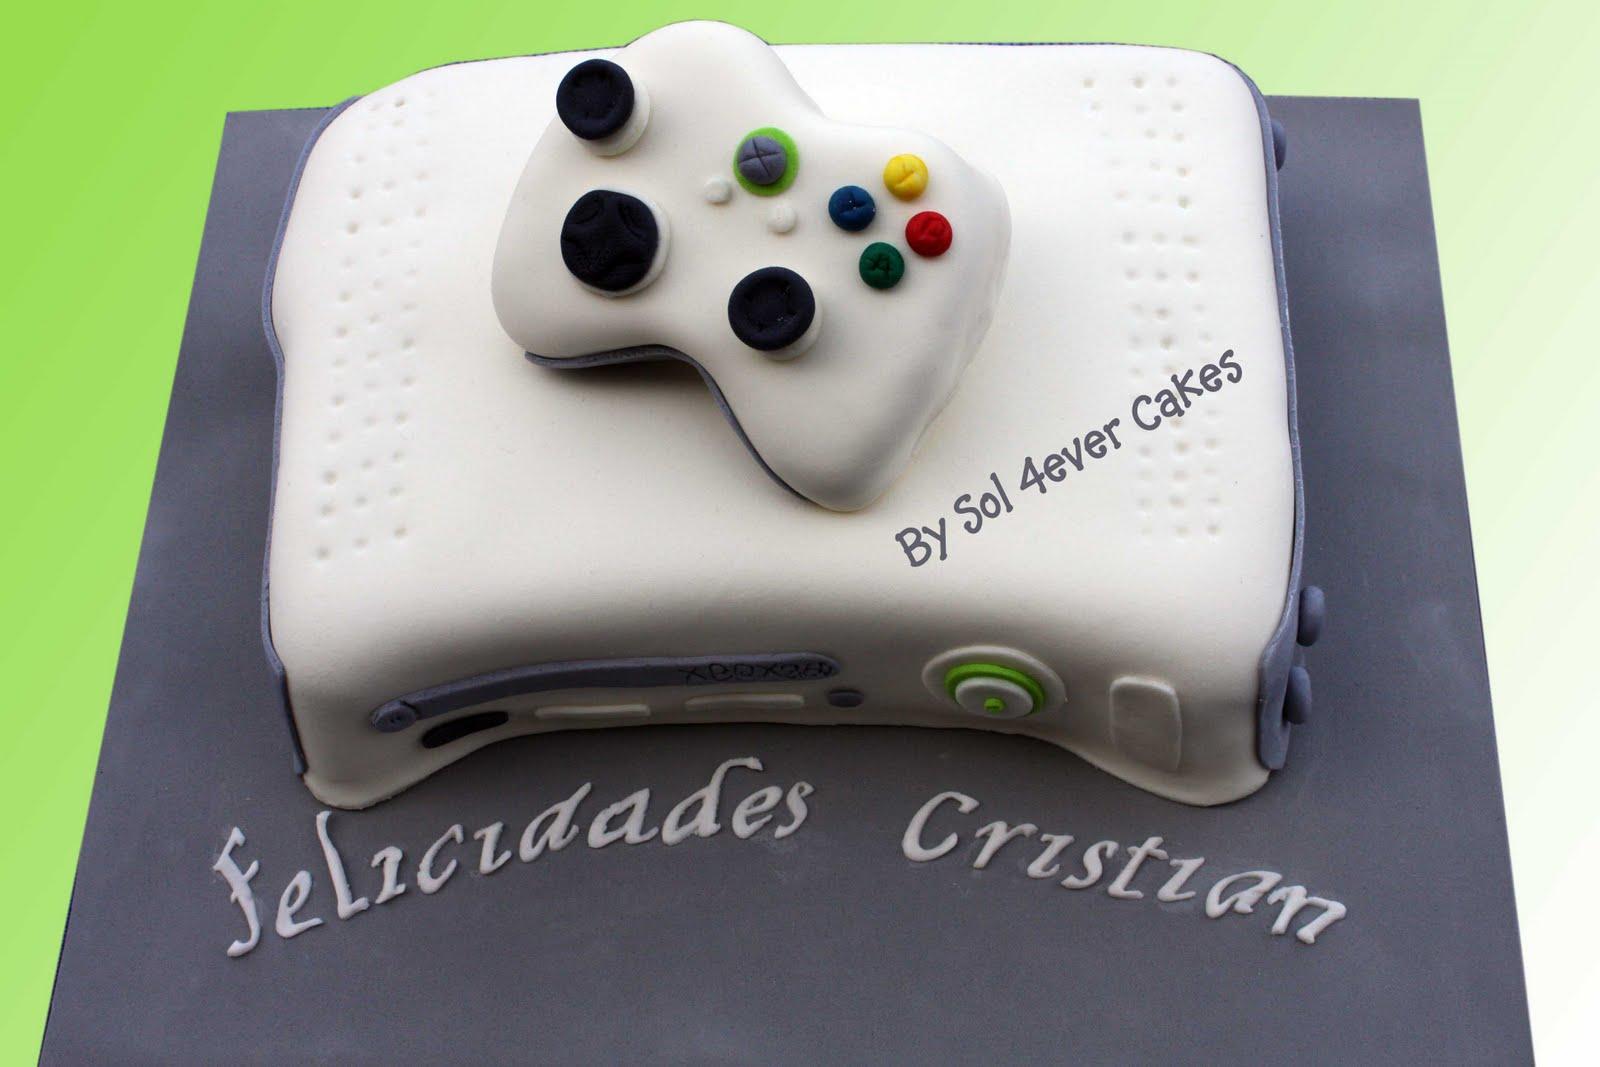 4ever Cakes Xbox 360